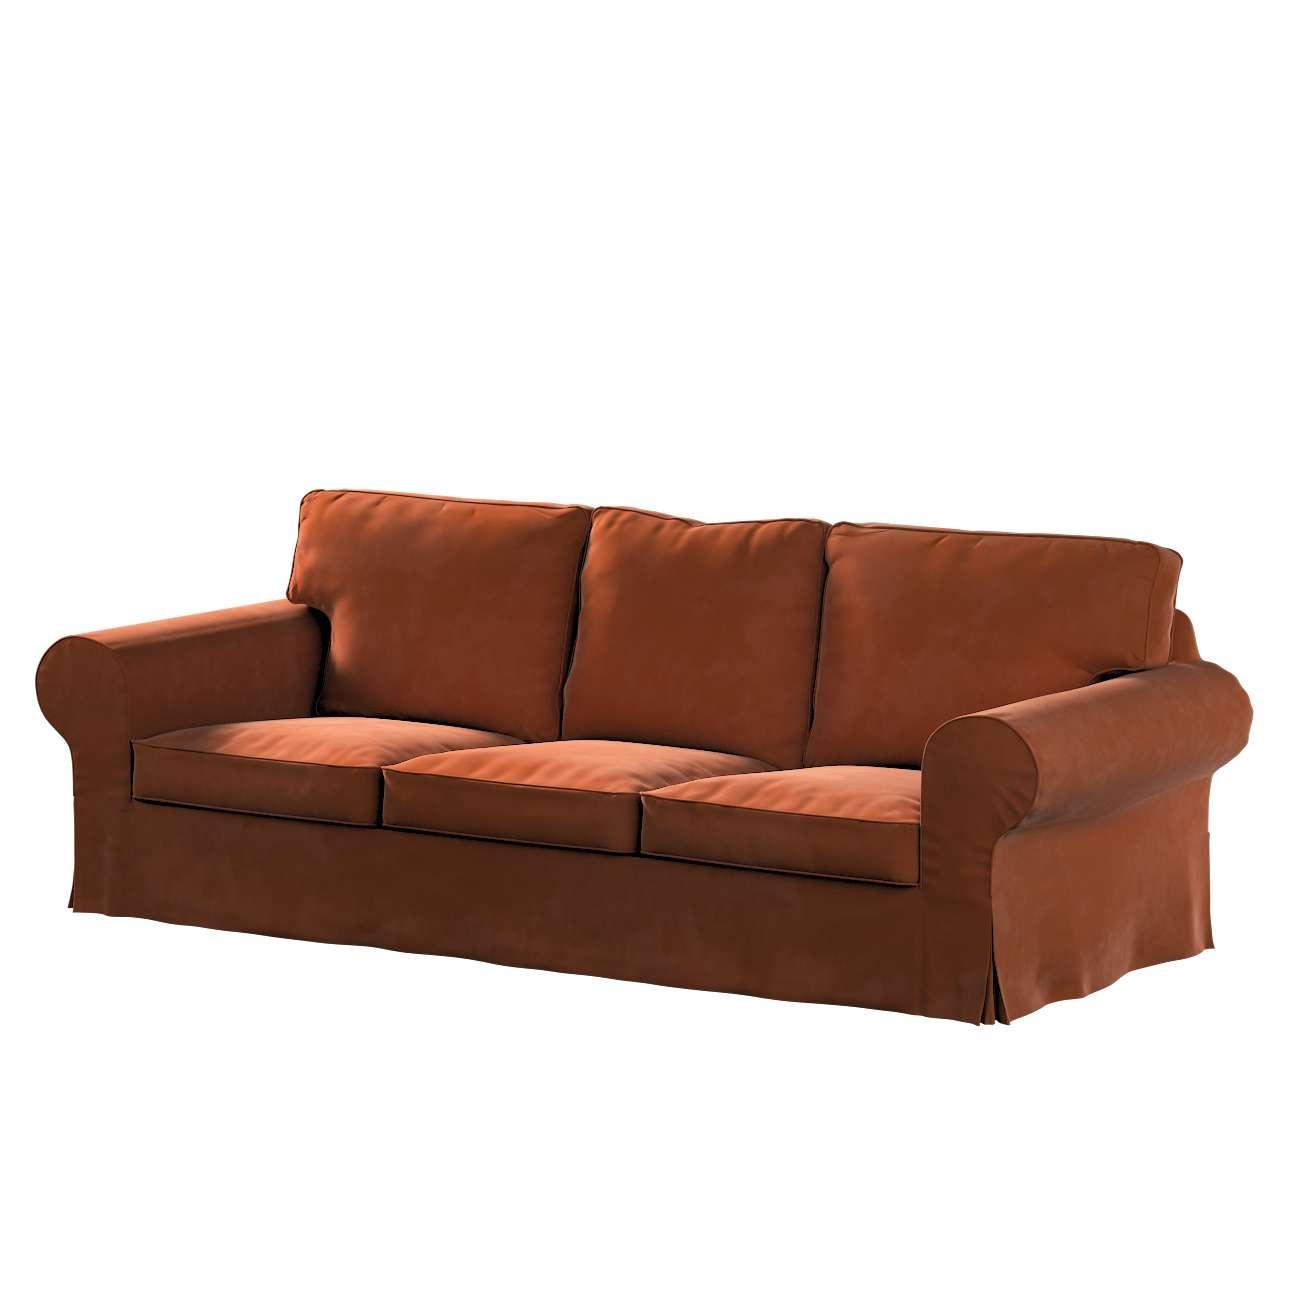 Pokrowiec na sofę Ektorp 3-osobową, nierozkładaną w kolekcji Velvet, tkanina: 704-33